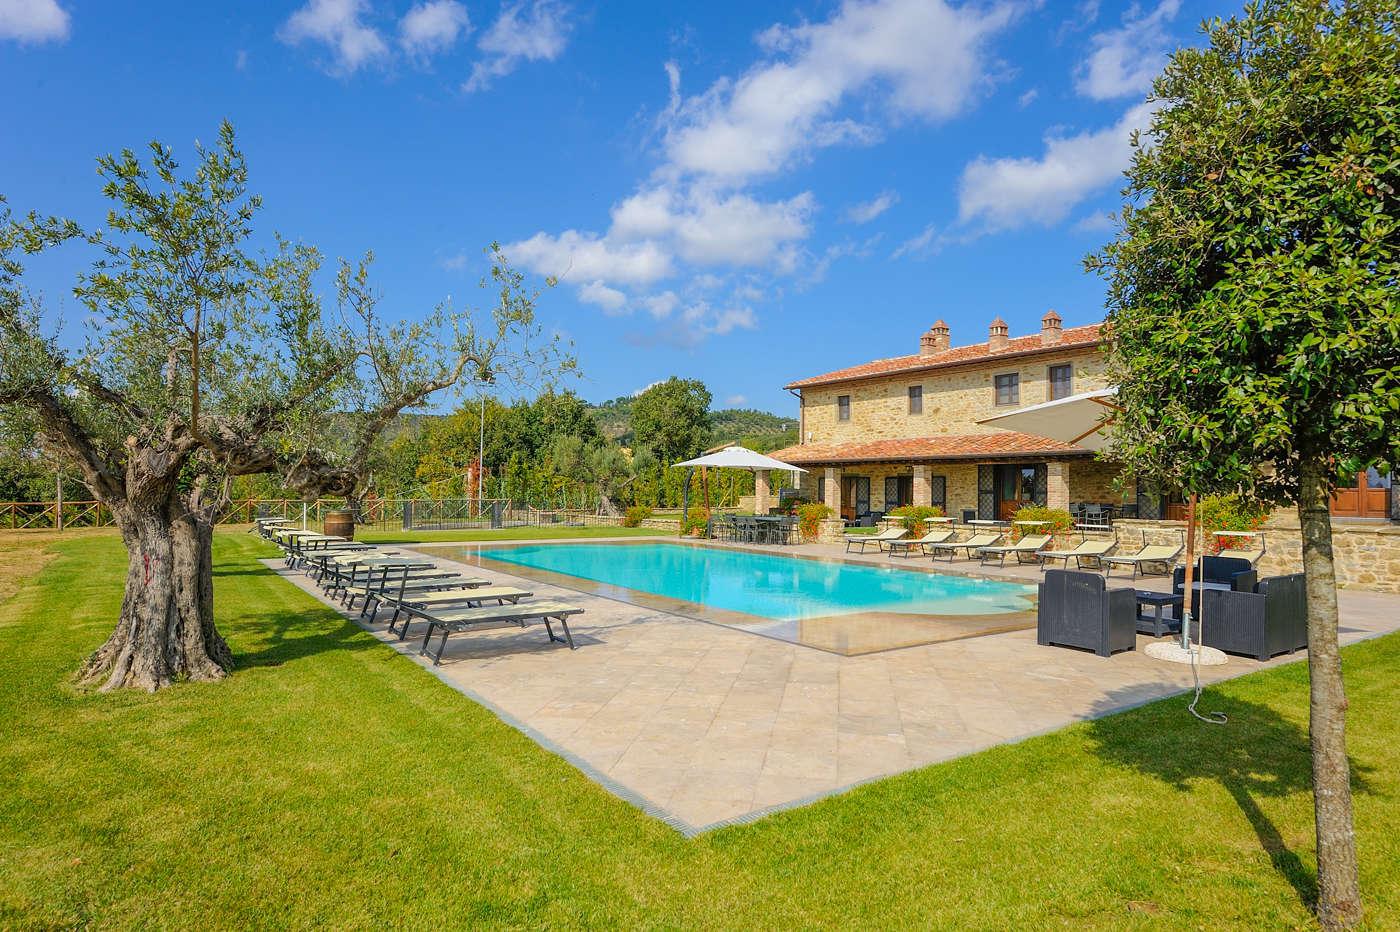 Luxury vacation rentals europe - Italy - Tuscany - Val dorcia - Cortona - Image 1/14